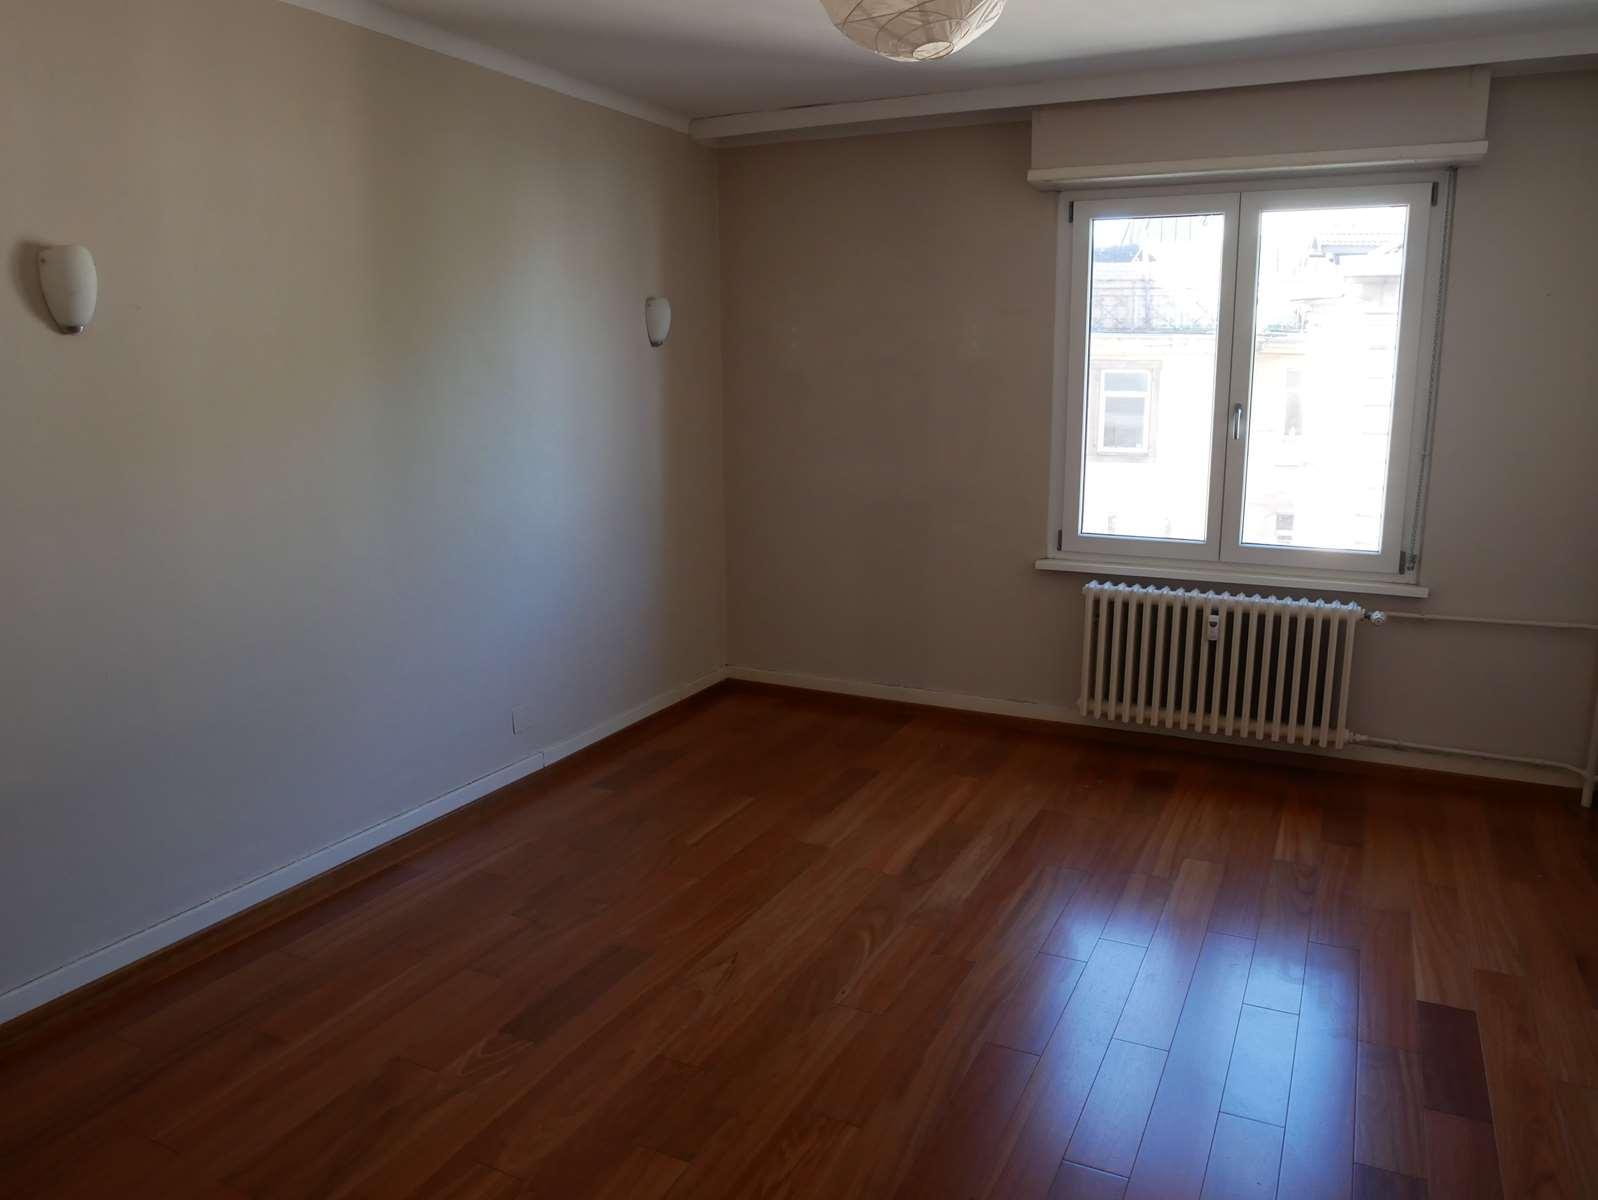 [Shiny] Lumineux 2 pièces avec balcon - Halles / rue de Bouxwiller - nos locations - Beausite Immobilier 4